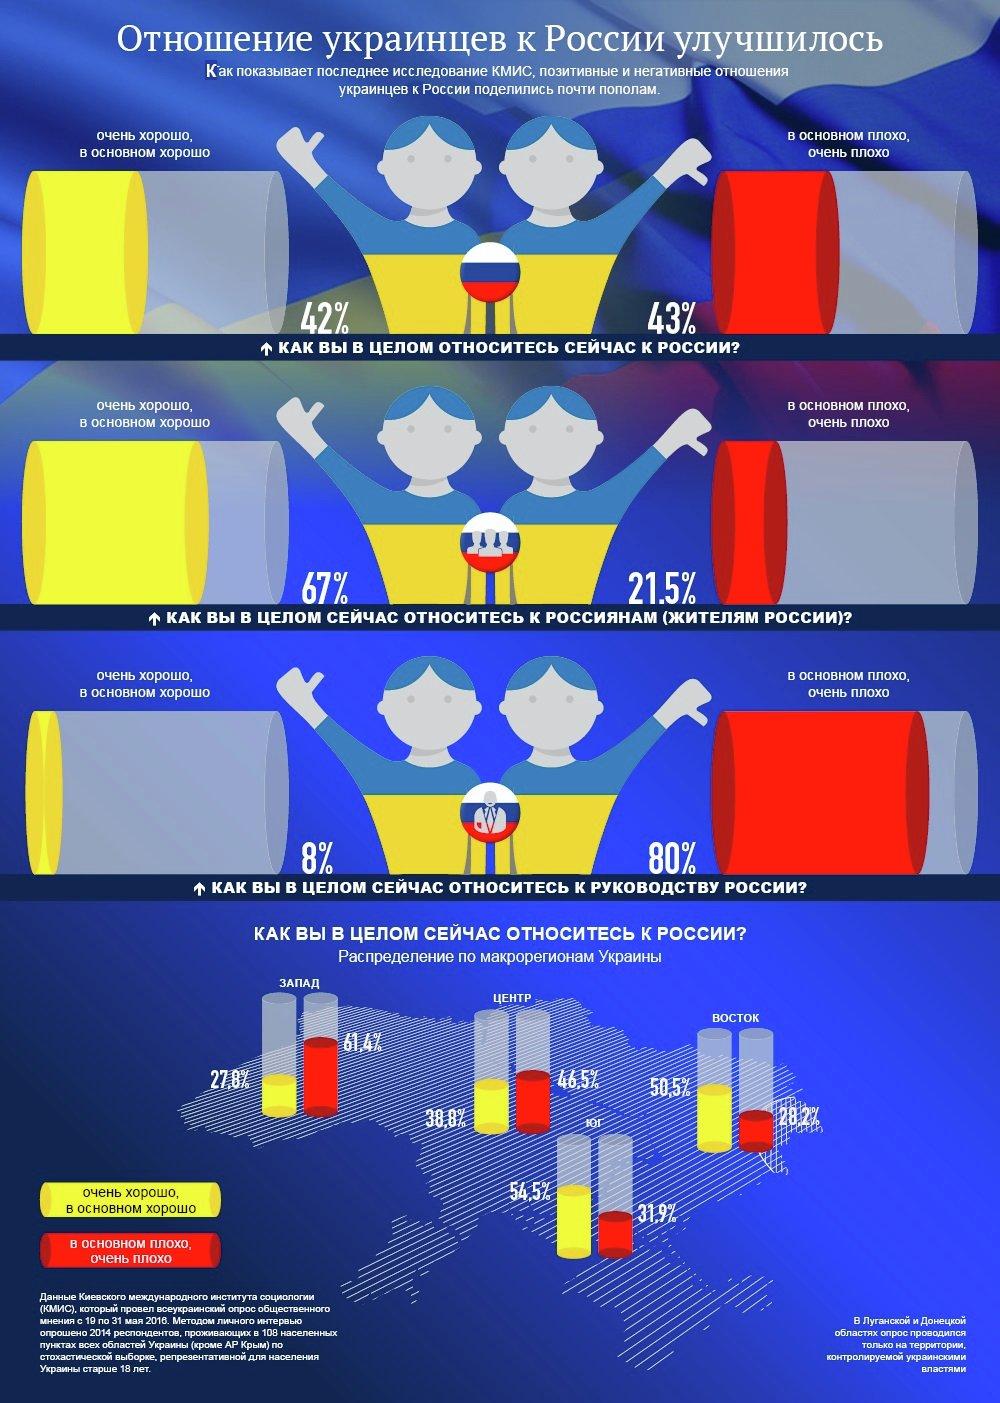 Отношение украинцев к россиянам, России и Путину. Инфографика